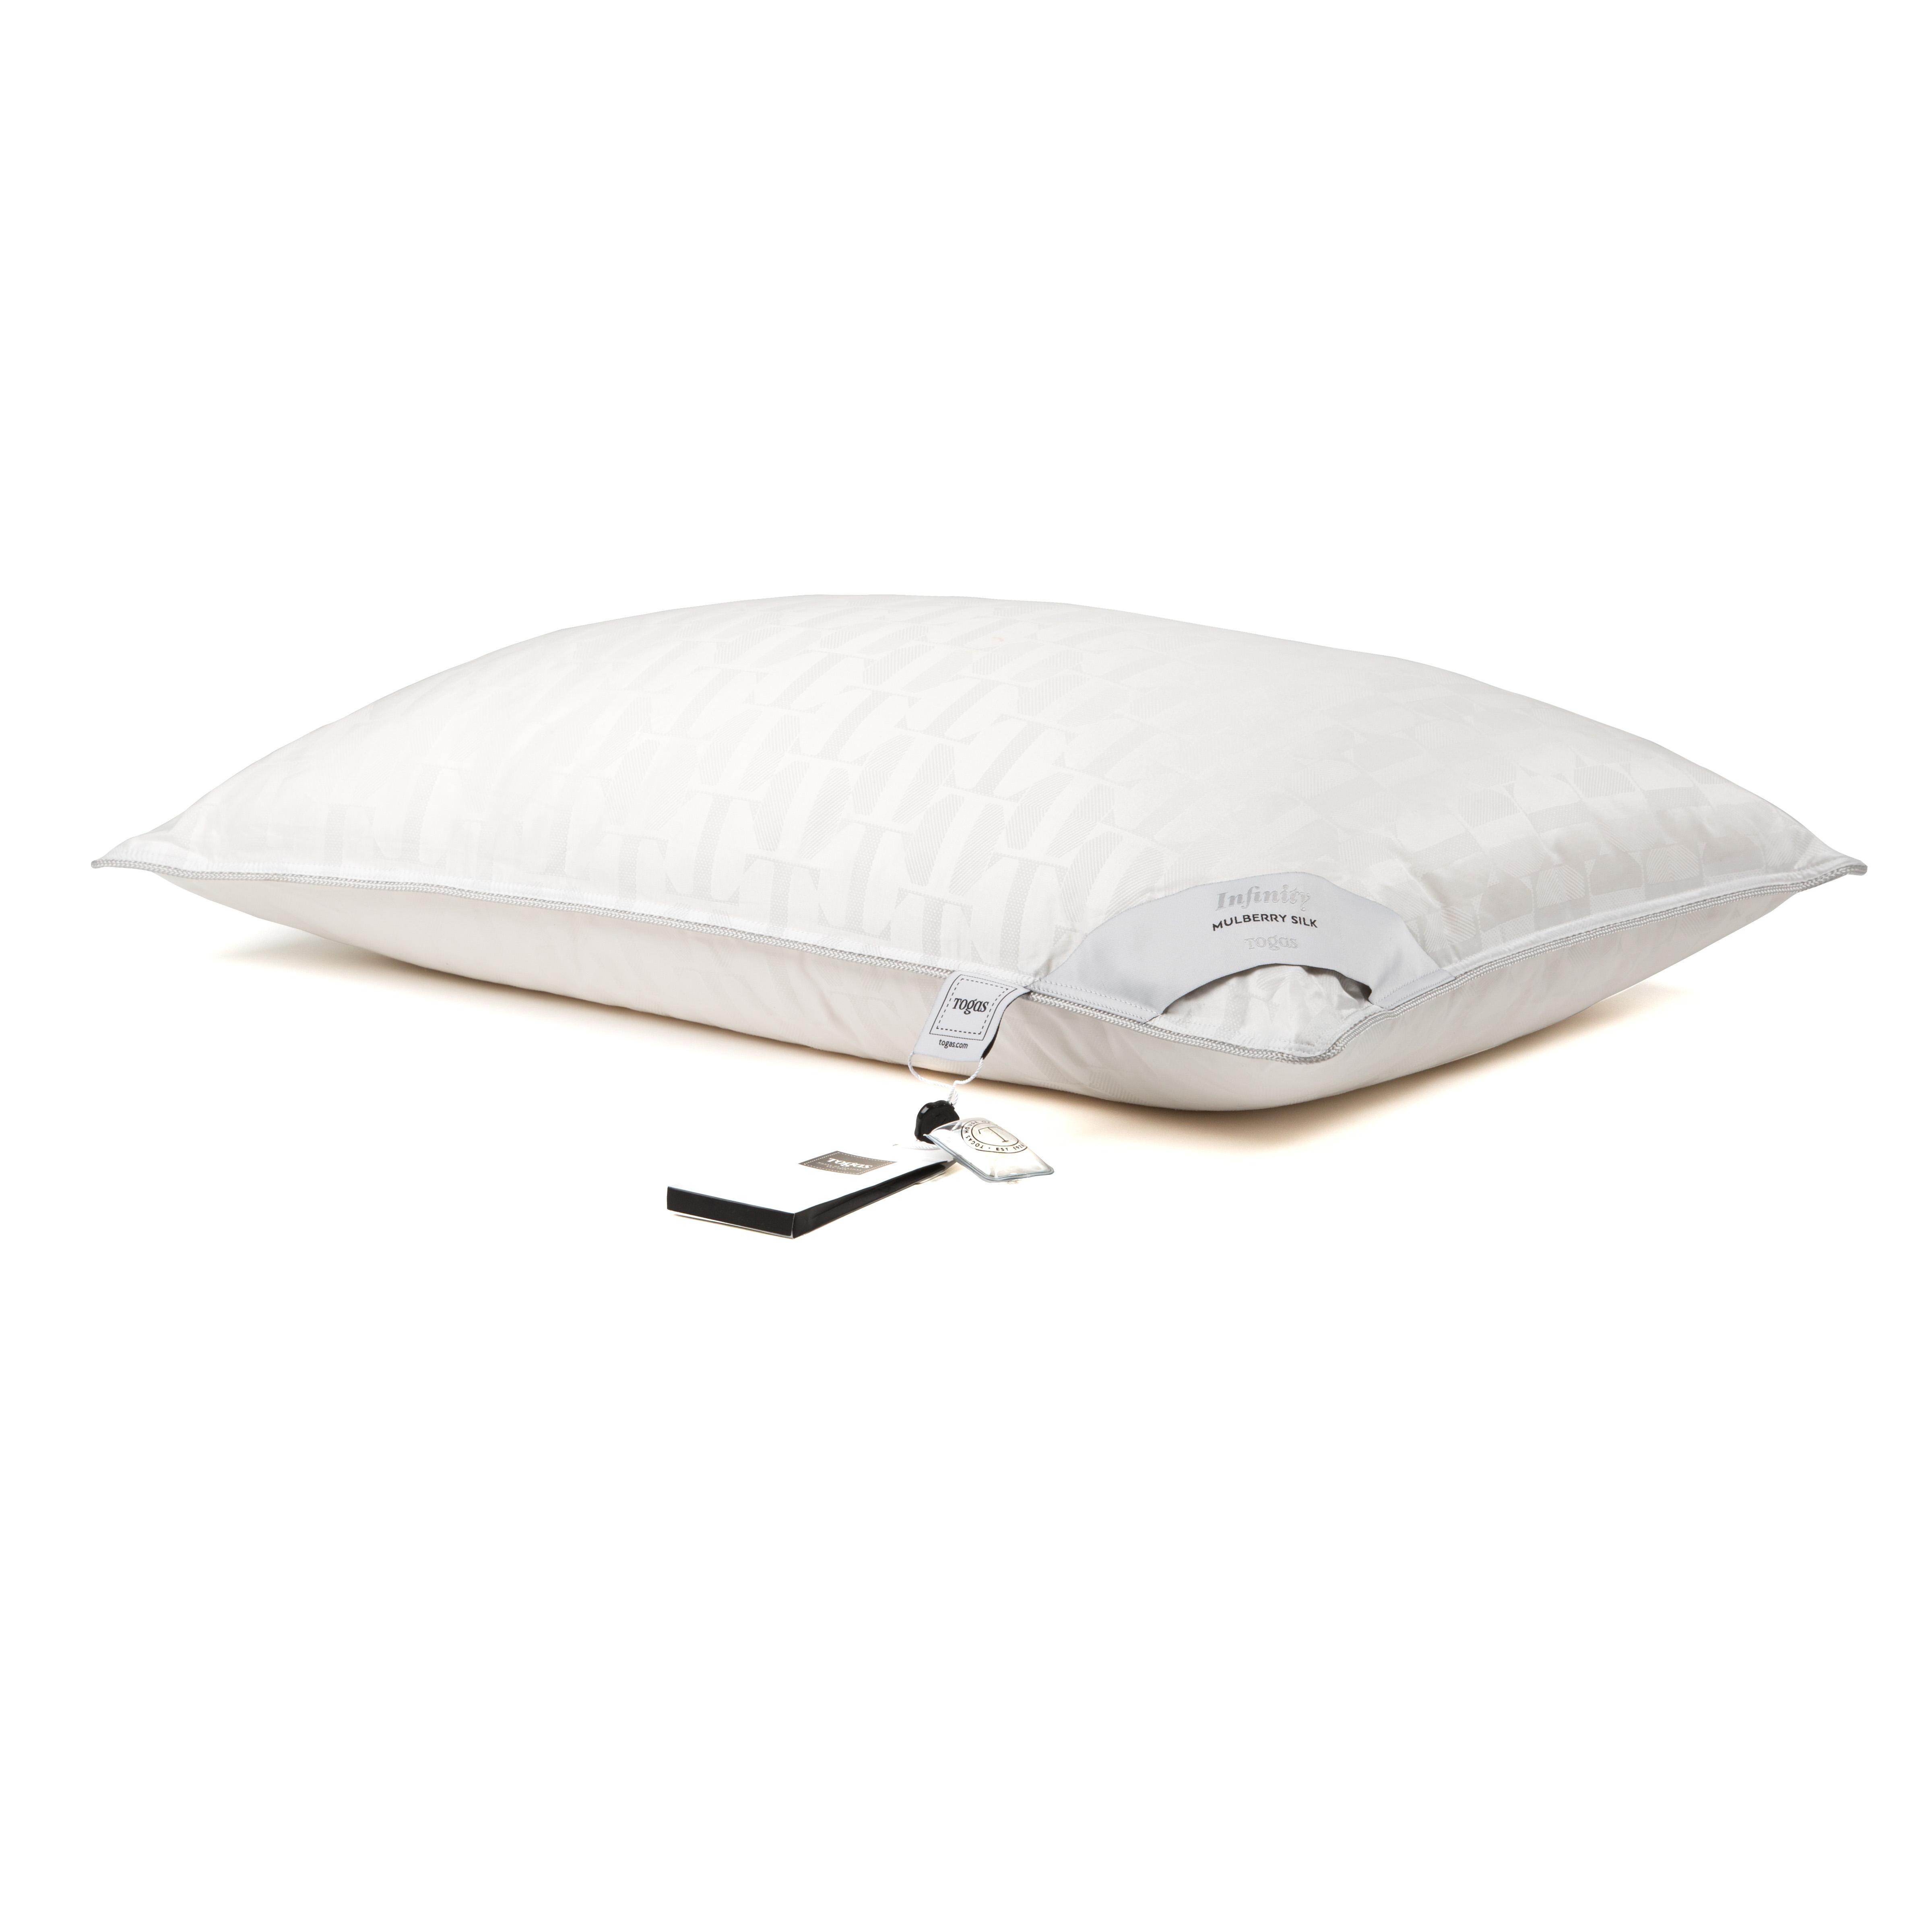 Подушки Togas Подушка Инфинити (70х70) подушки ортопедические togas подушка ортопедическая германиум